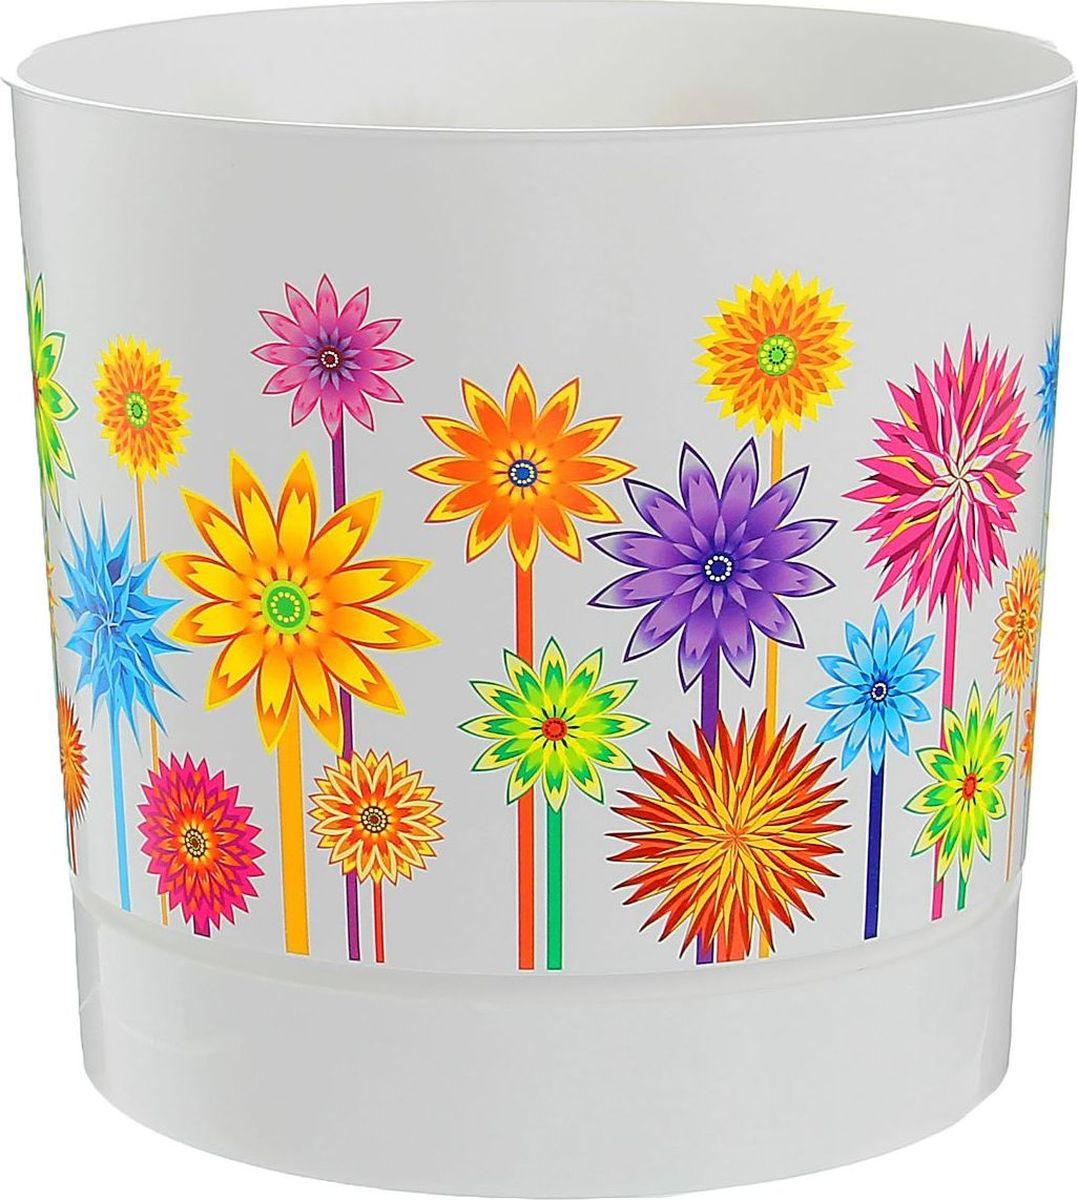 Горшок для цветов VesnaDecor Астры, с подставкой, 3,6 л1537087